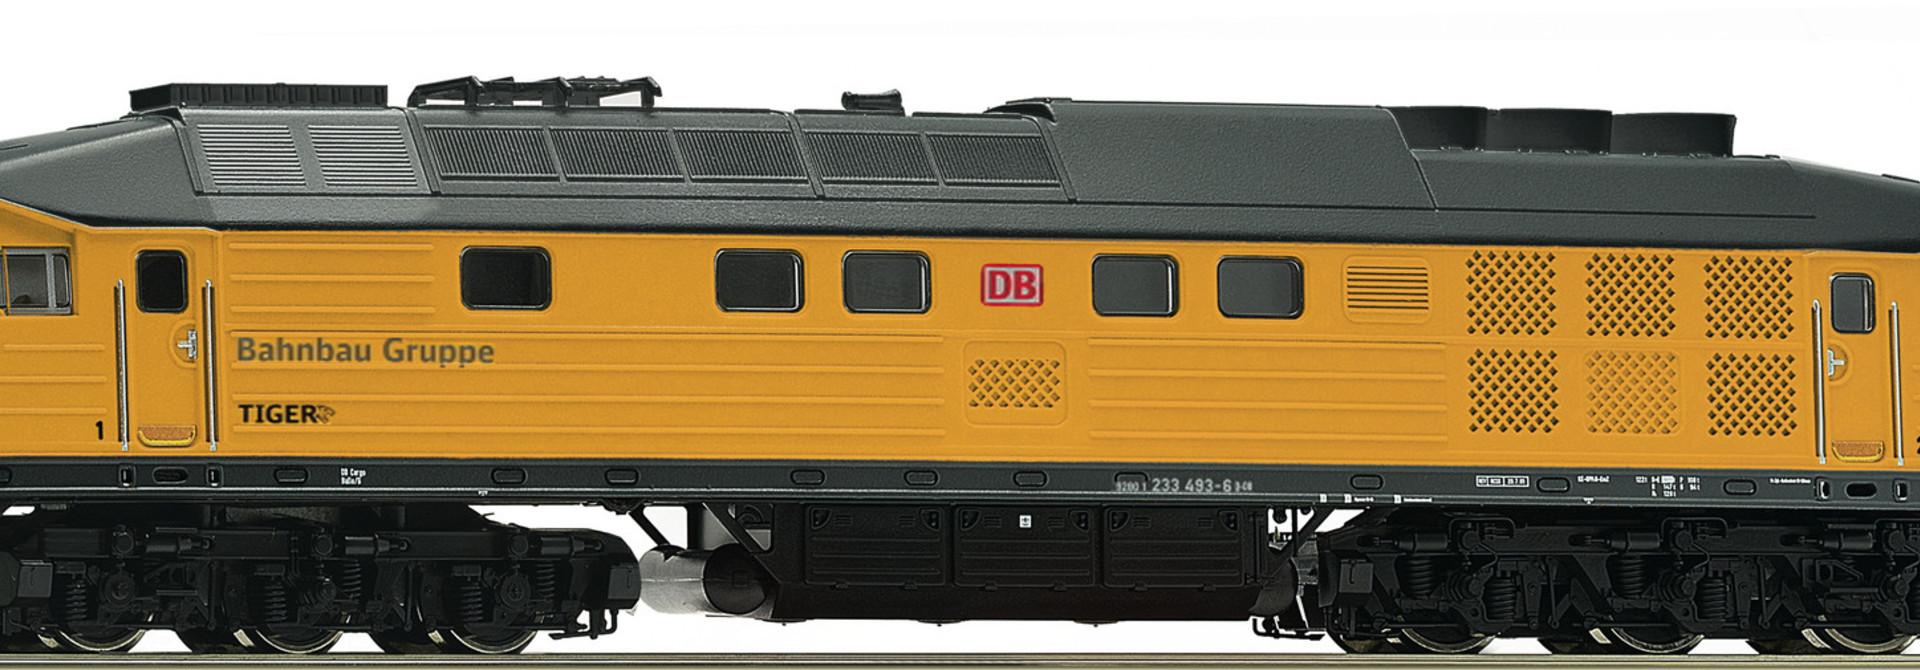 52469 Diesellok 233 493 HE-Snd.